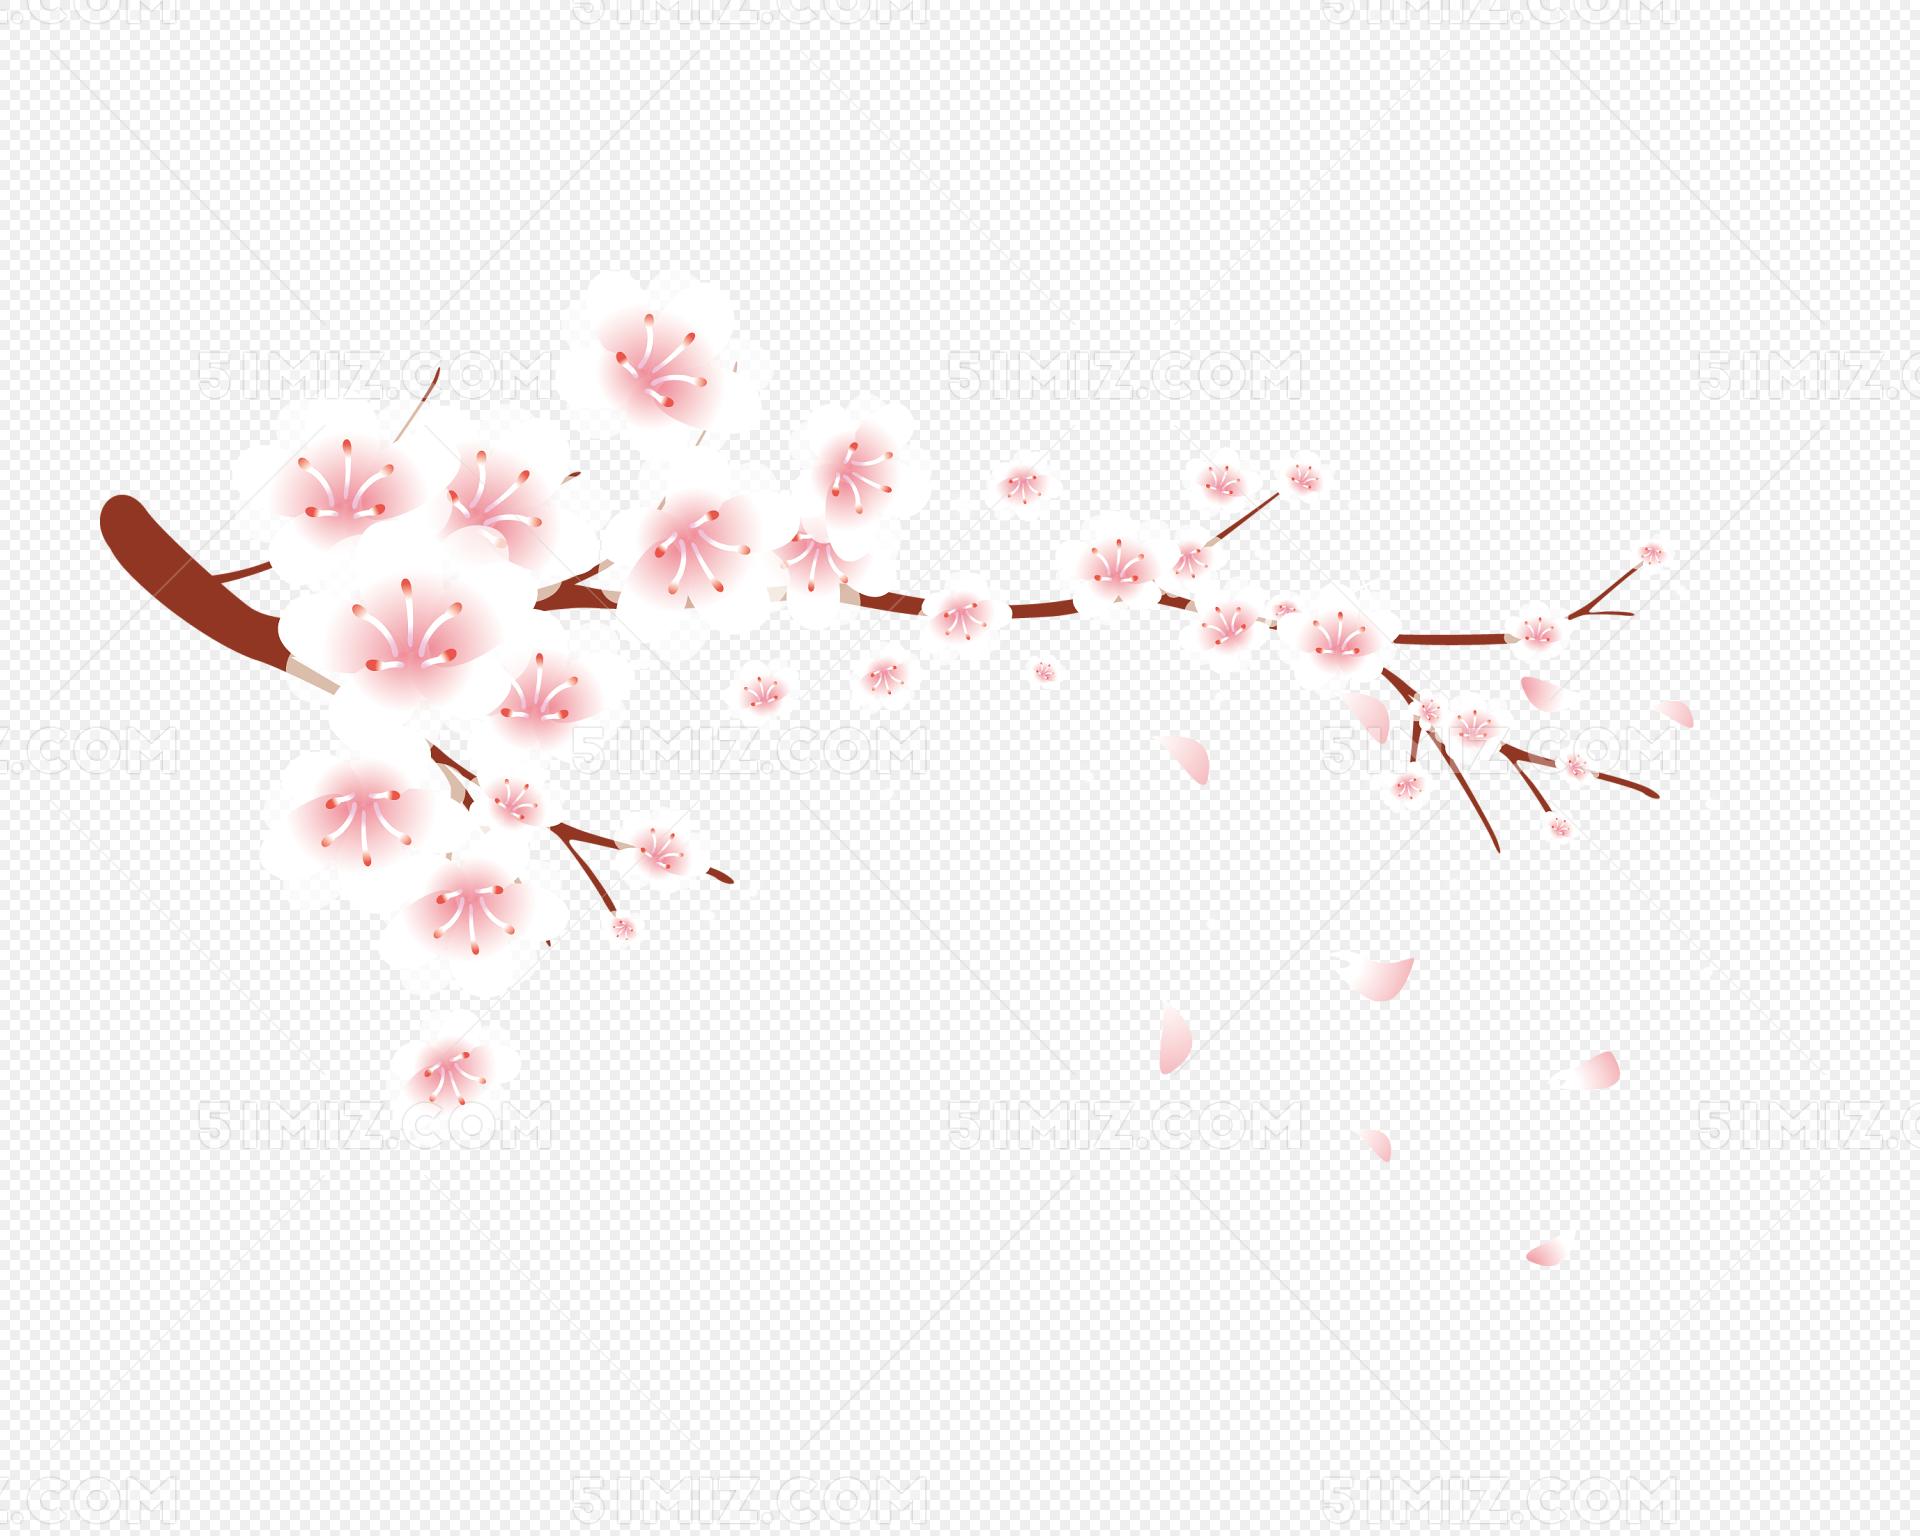 梅花花瓣飘落矢量免费下载_png素材_觅知网